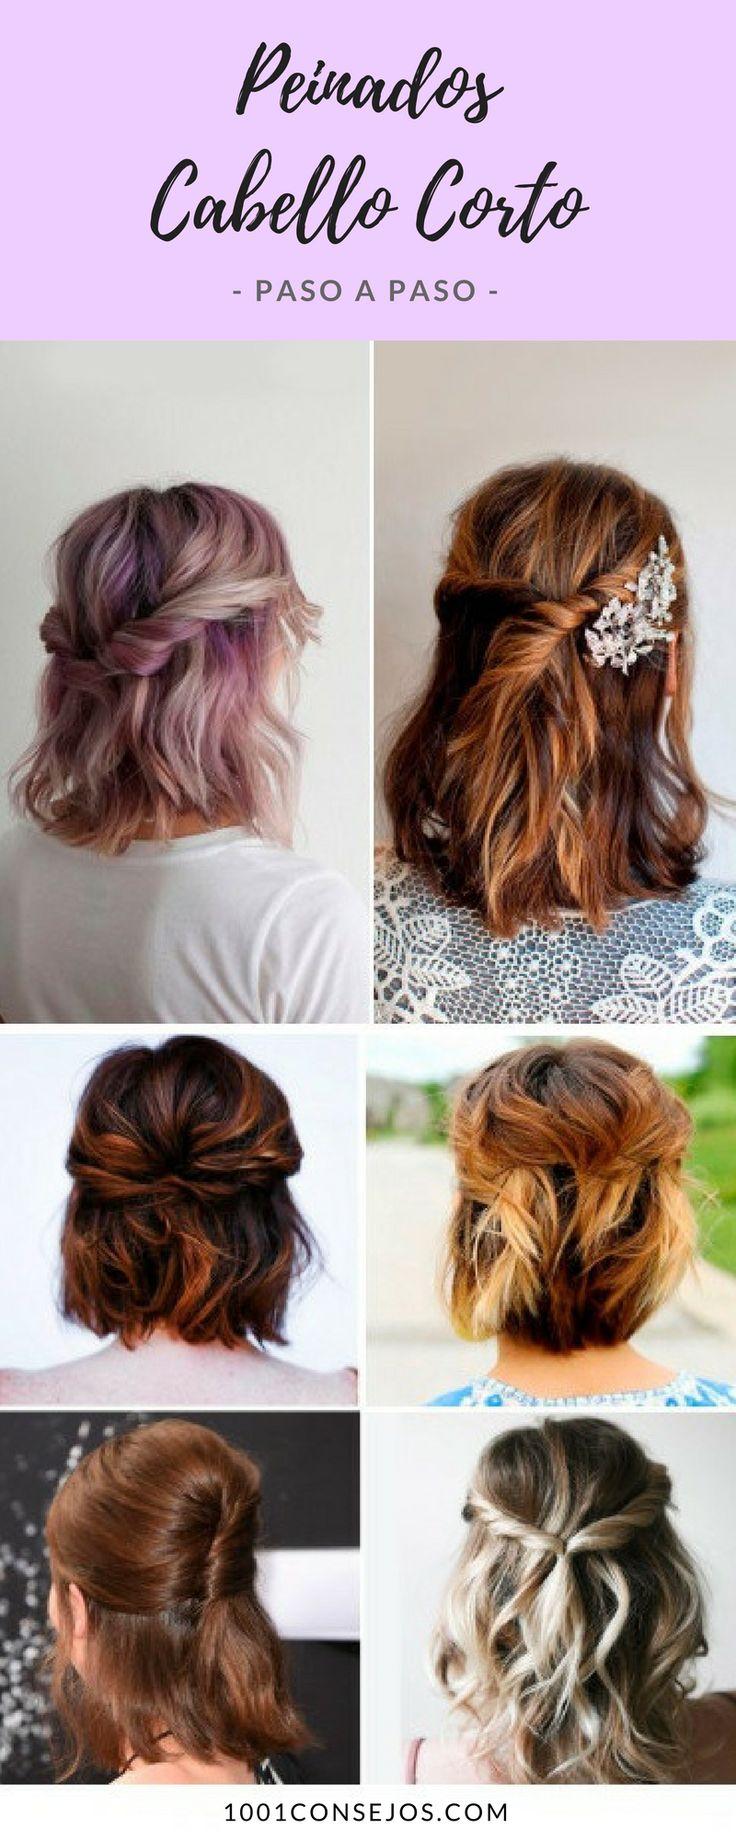 Peinados para cabello corto paso paso